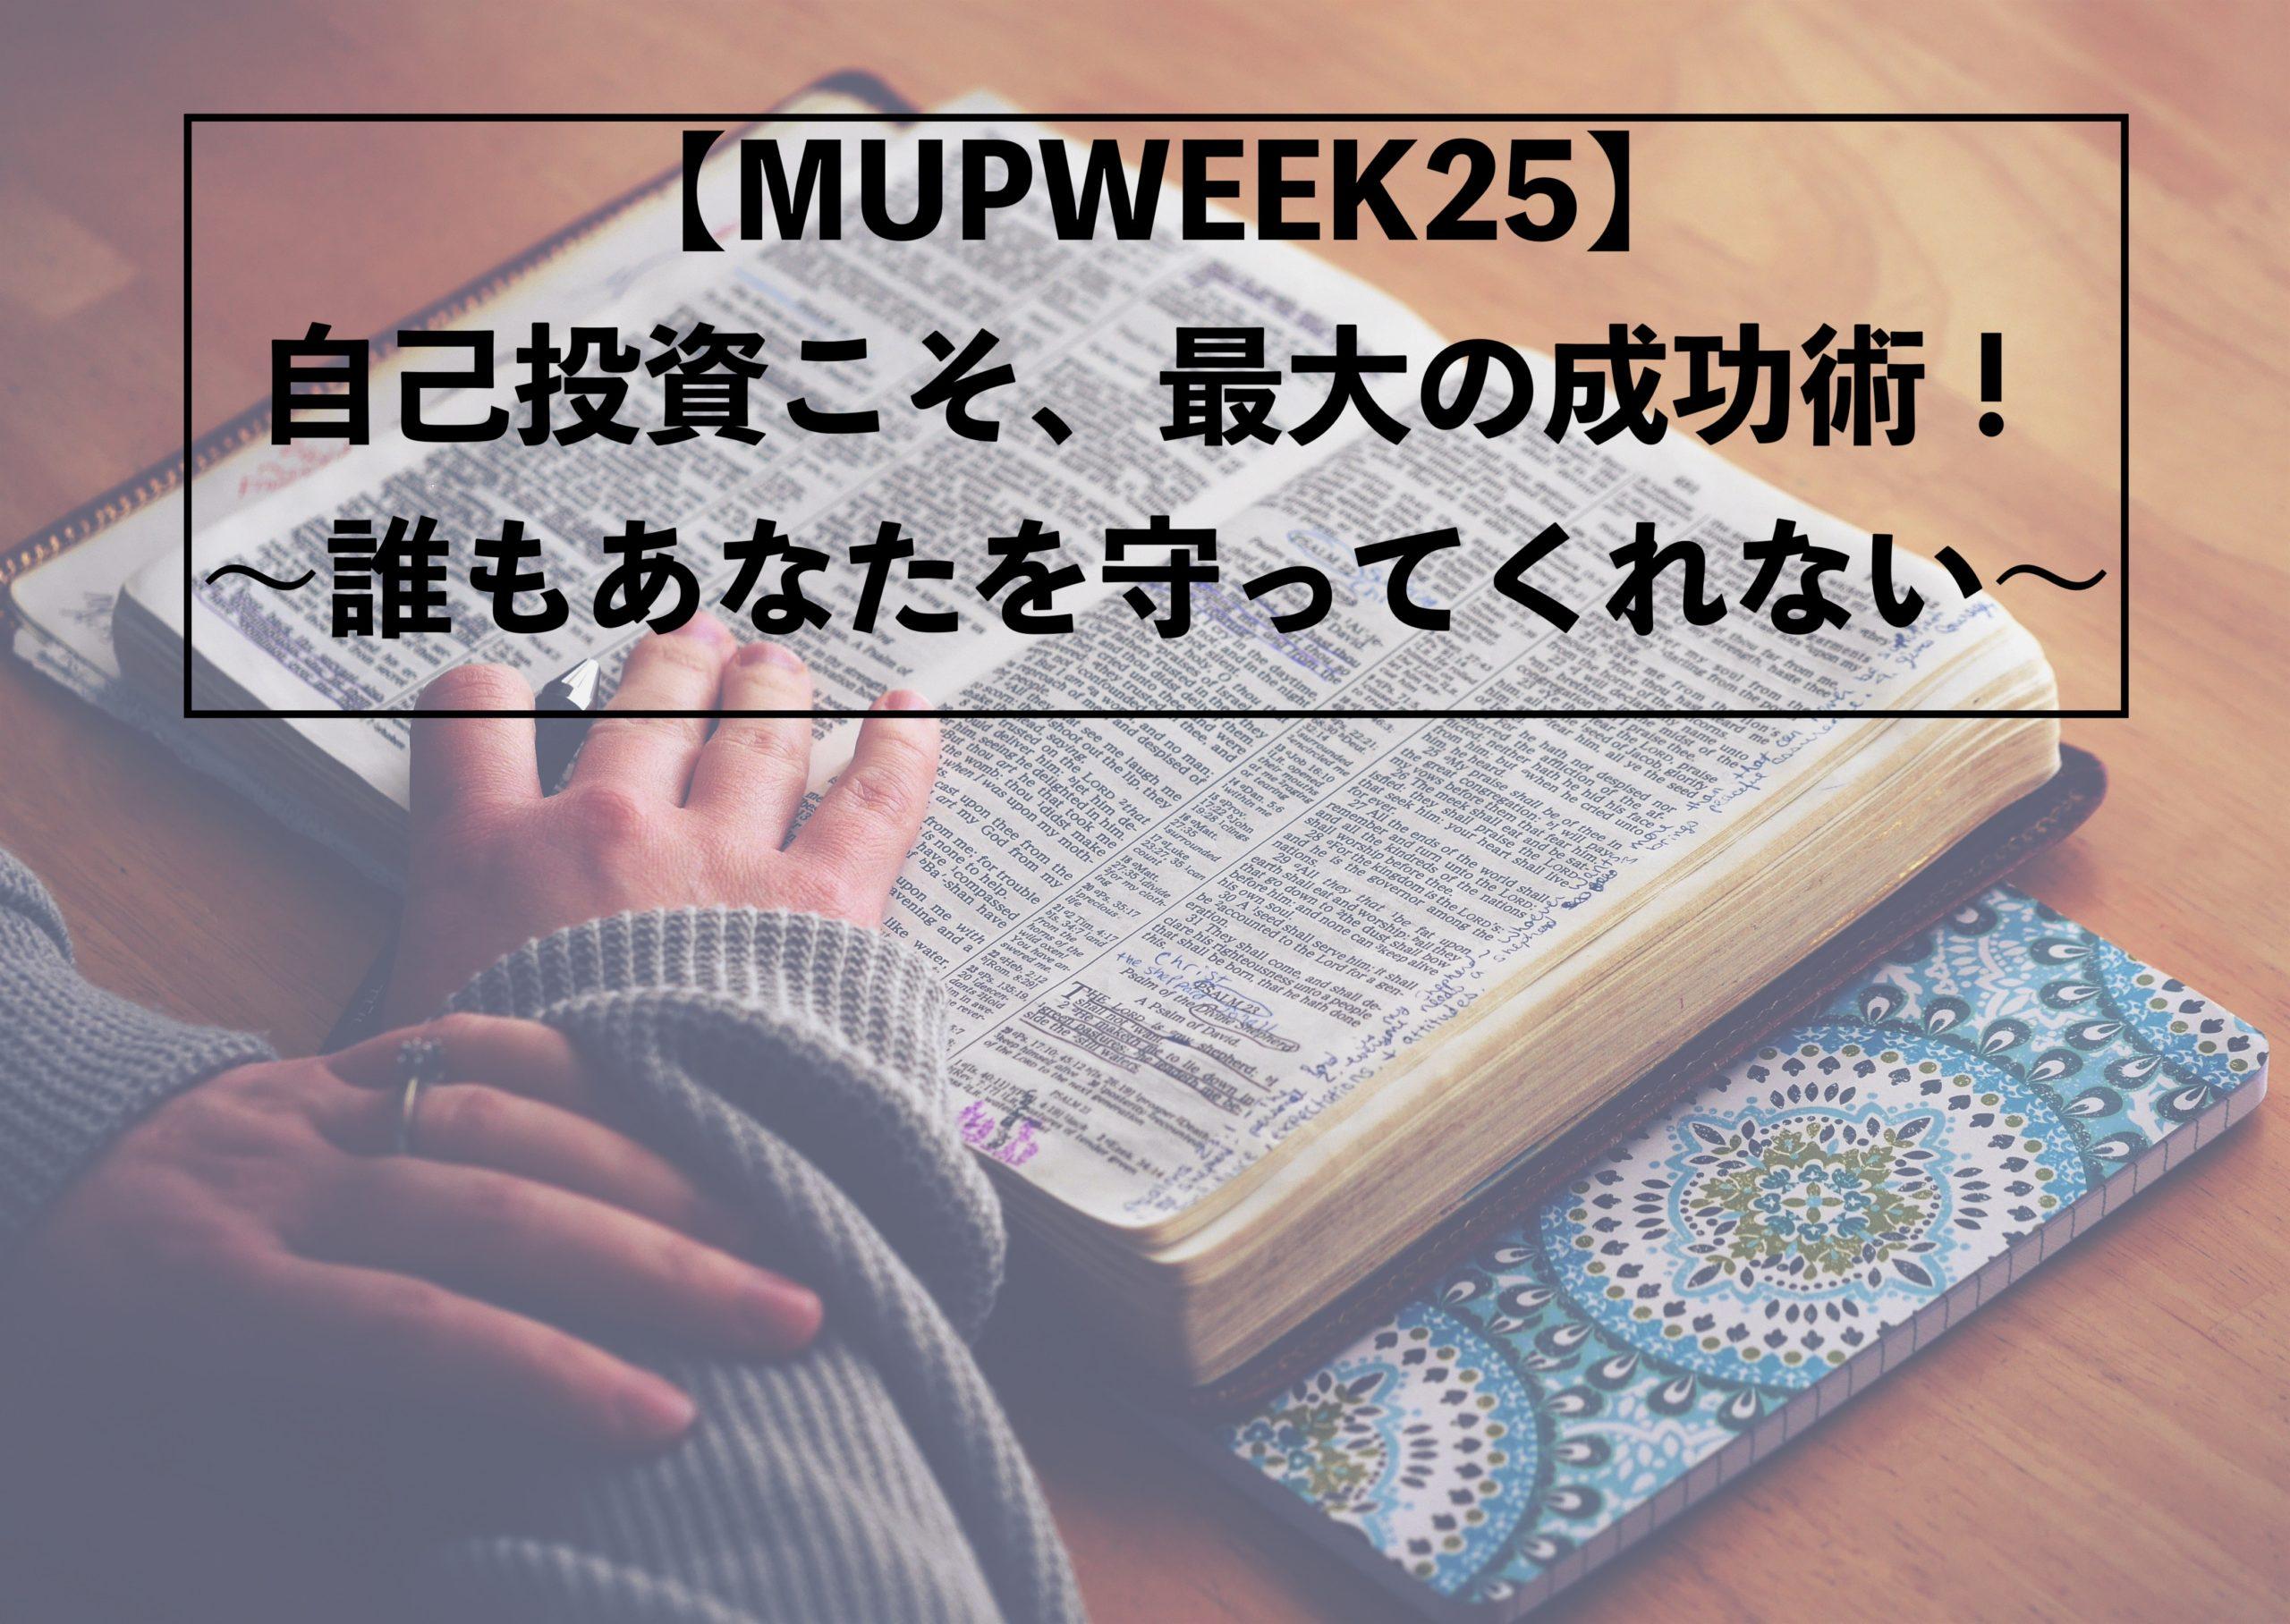 MUPWEEK25